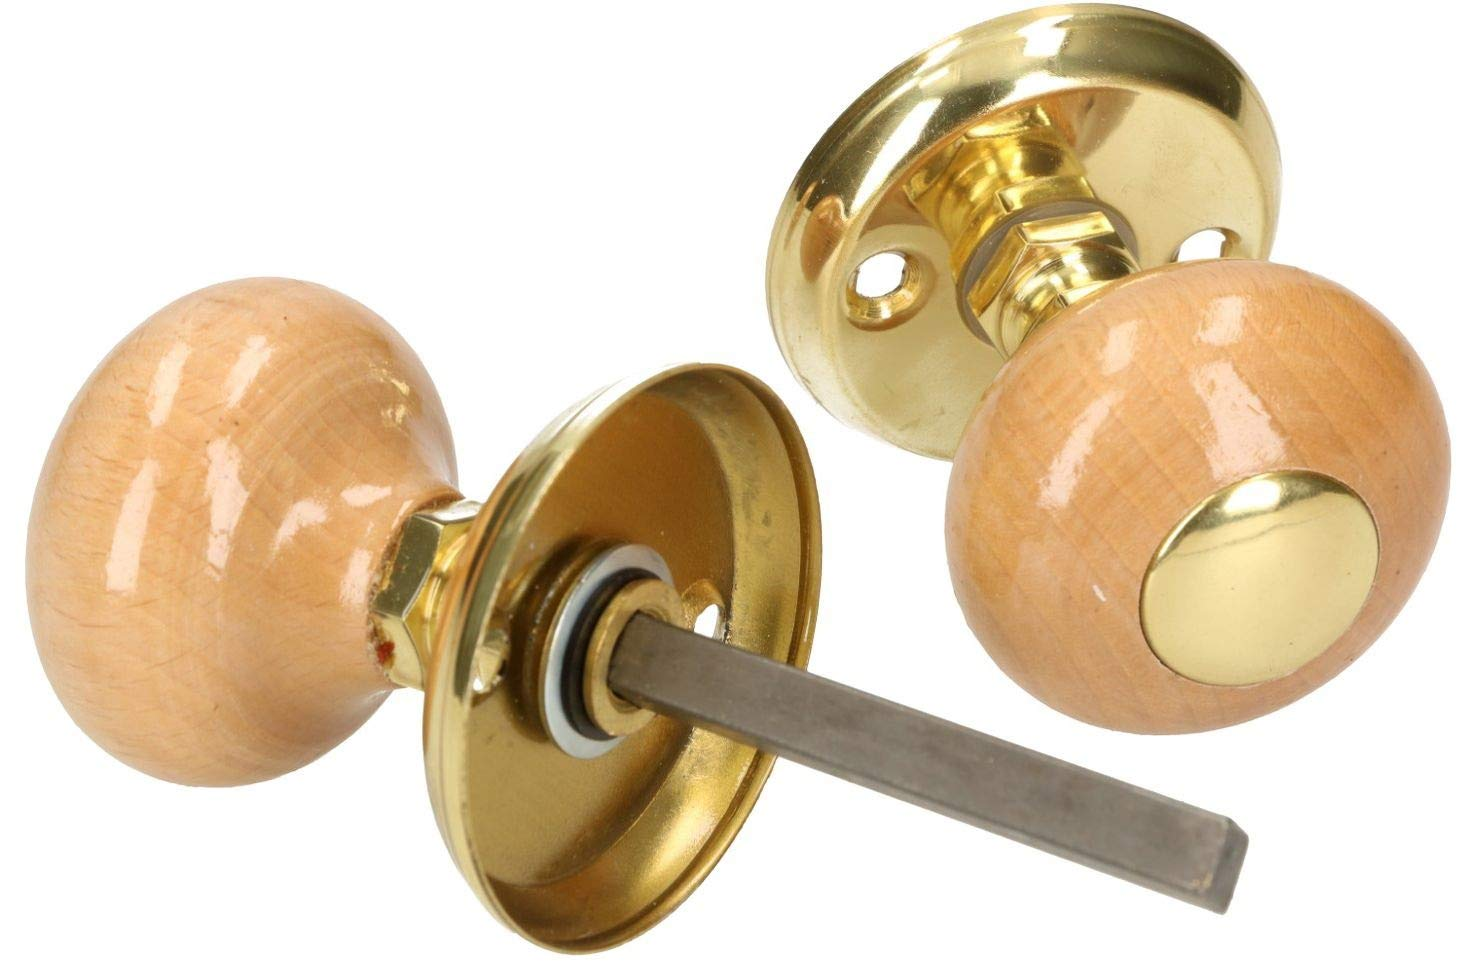 Pomo giratorio para puerta KOTARBAU color dorado con perno de bola de lat/ón redondo color marr/ón de madera